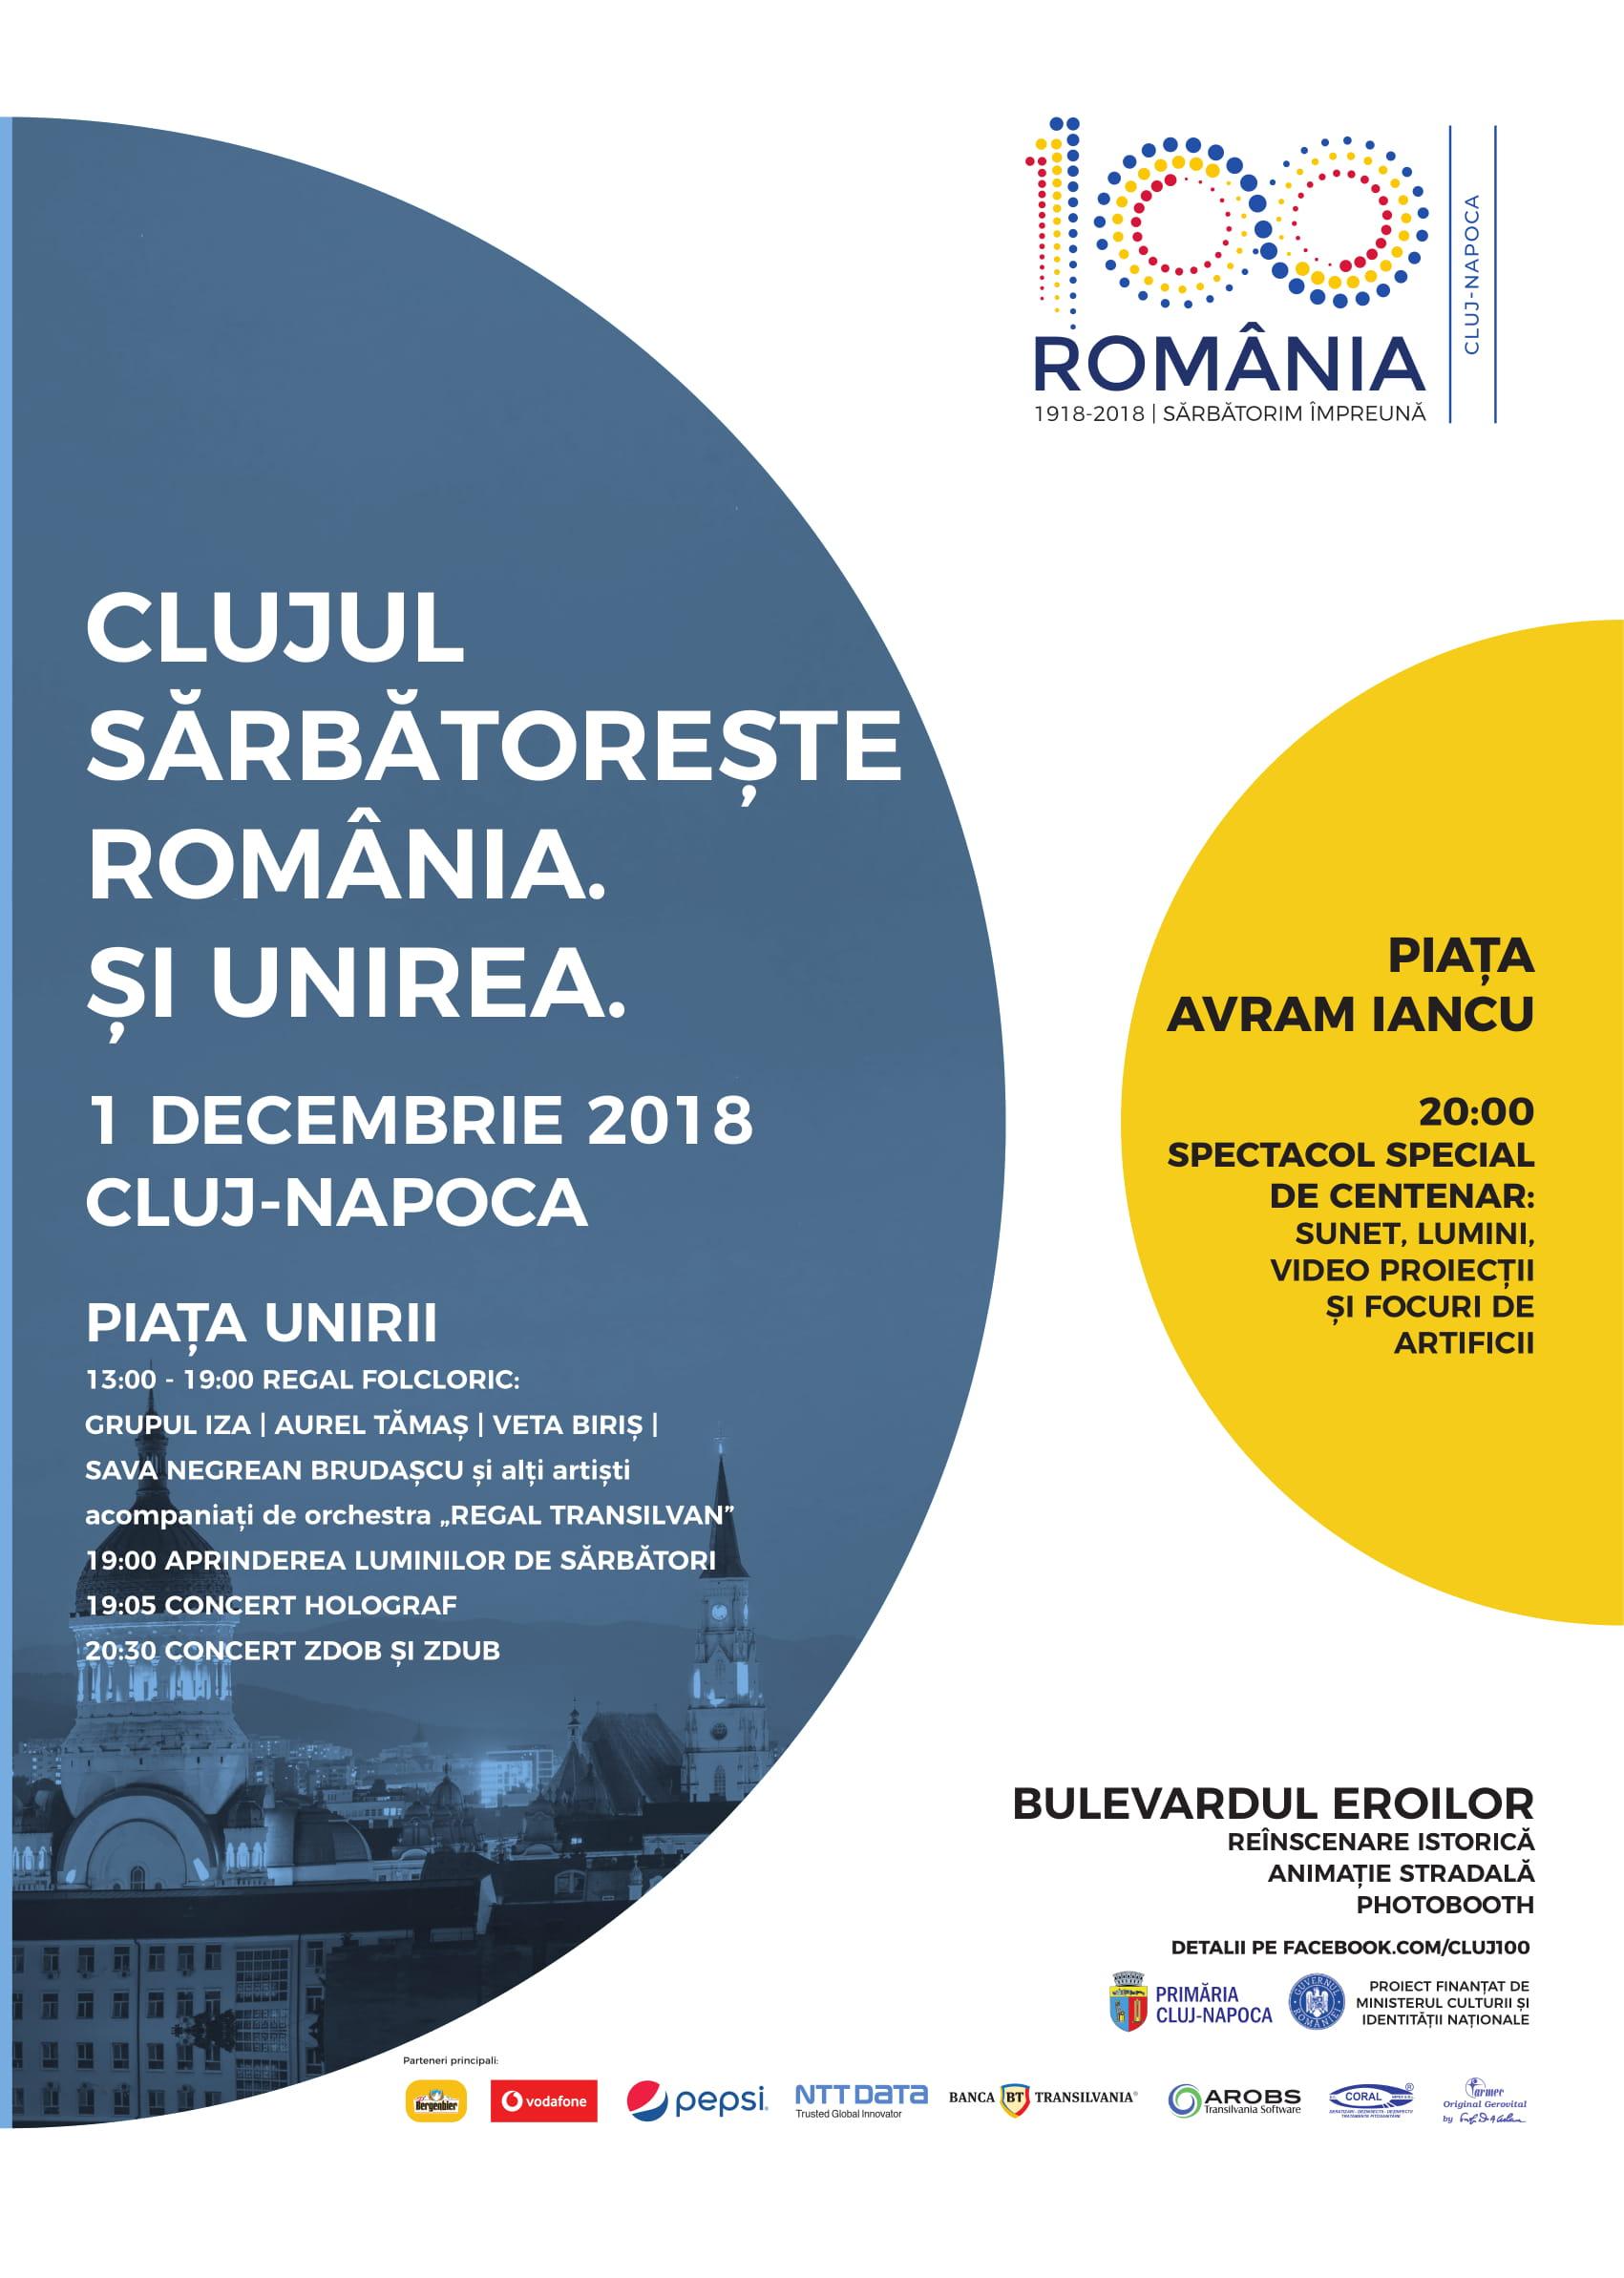 Evenimente 1 decembrie 2018